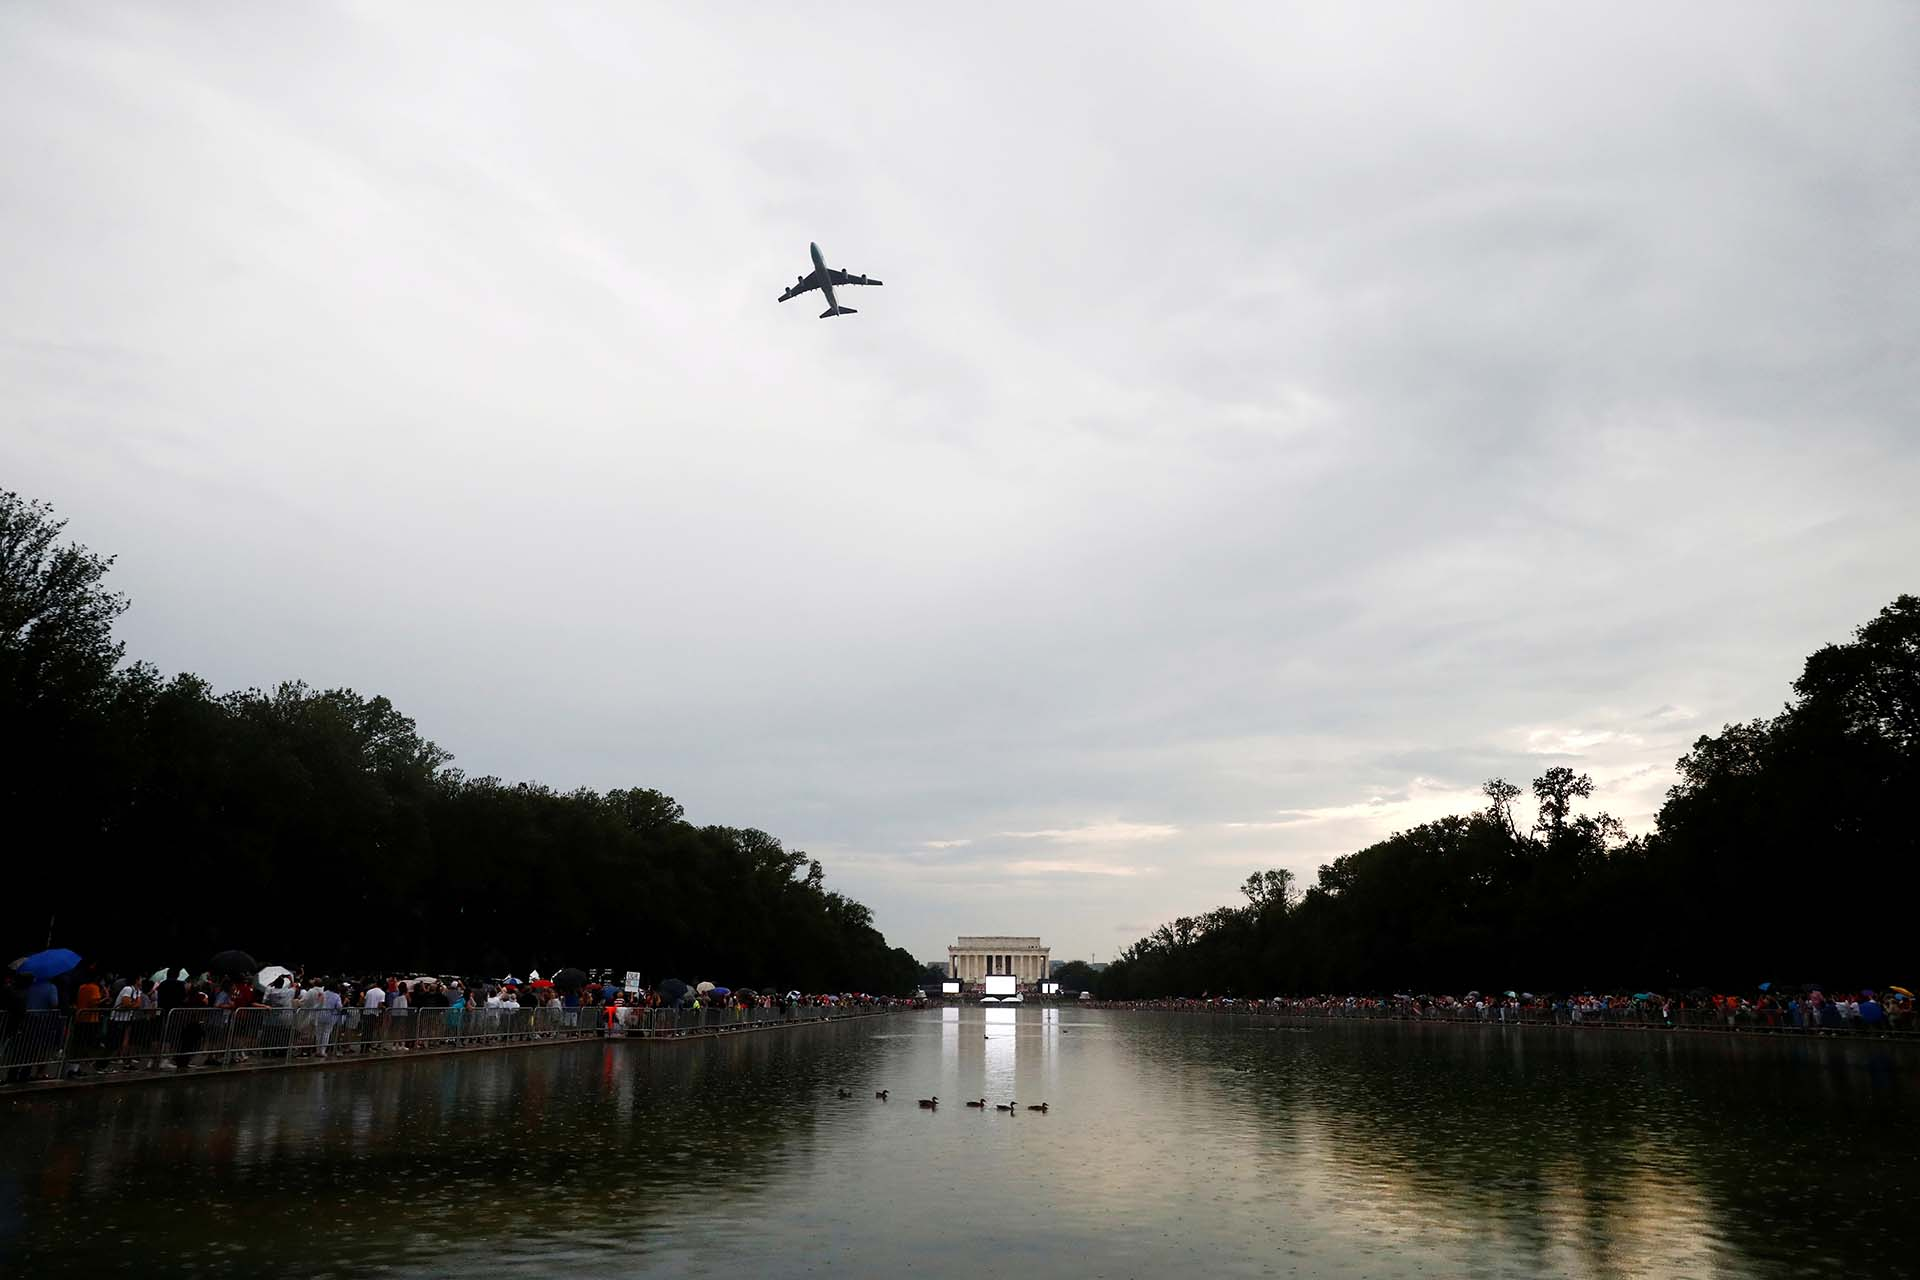 El avión presidencial Air Force One sobrevoló la zona donde se realizó el acto en Washington